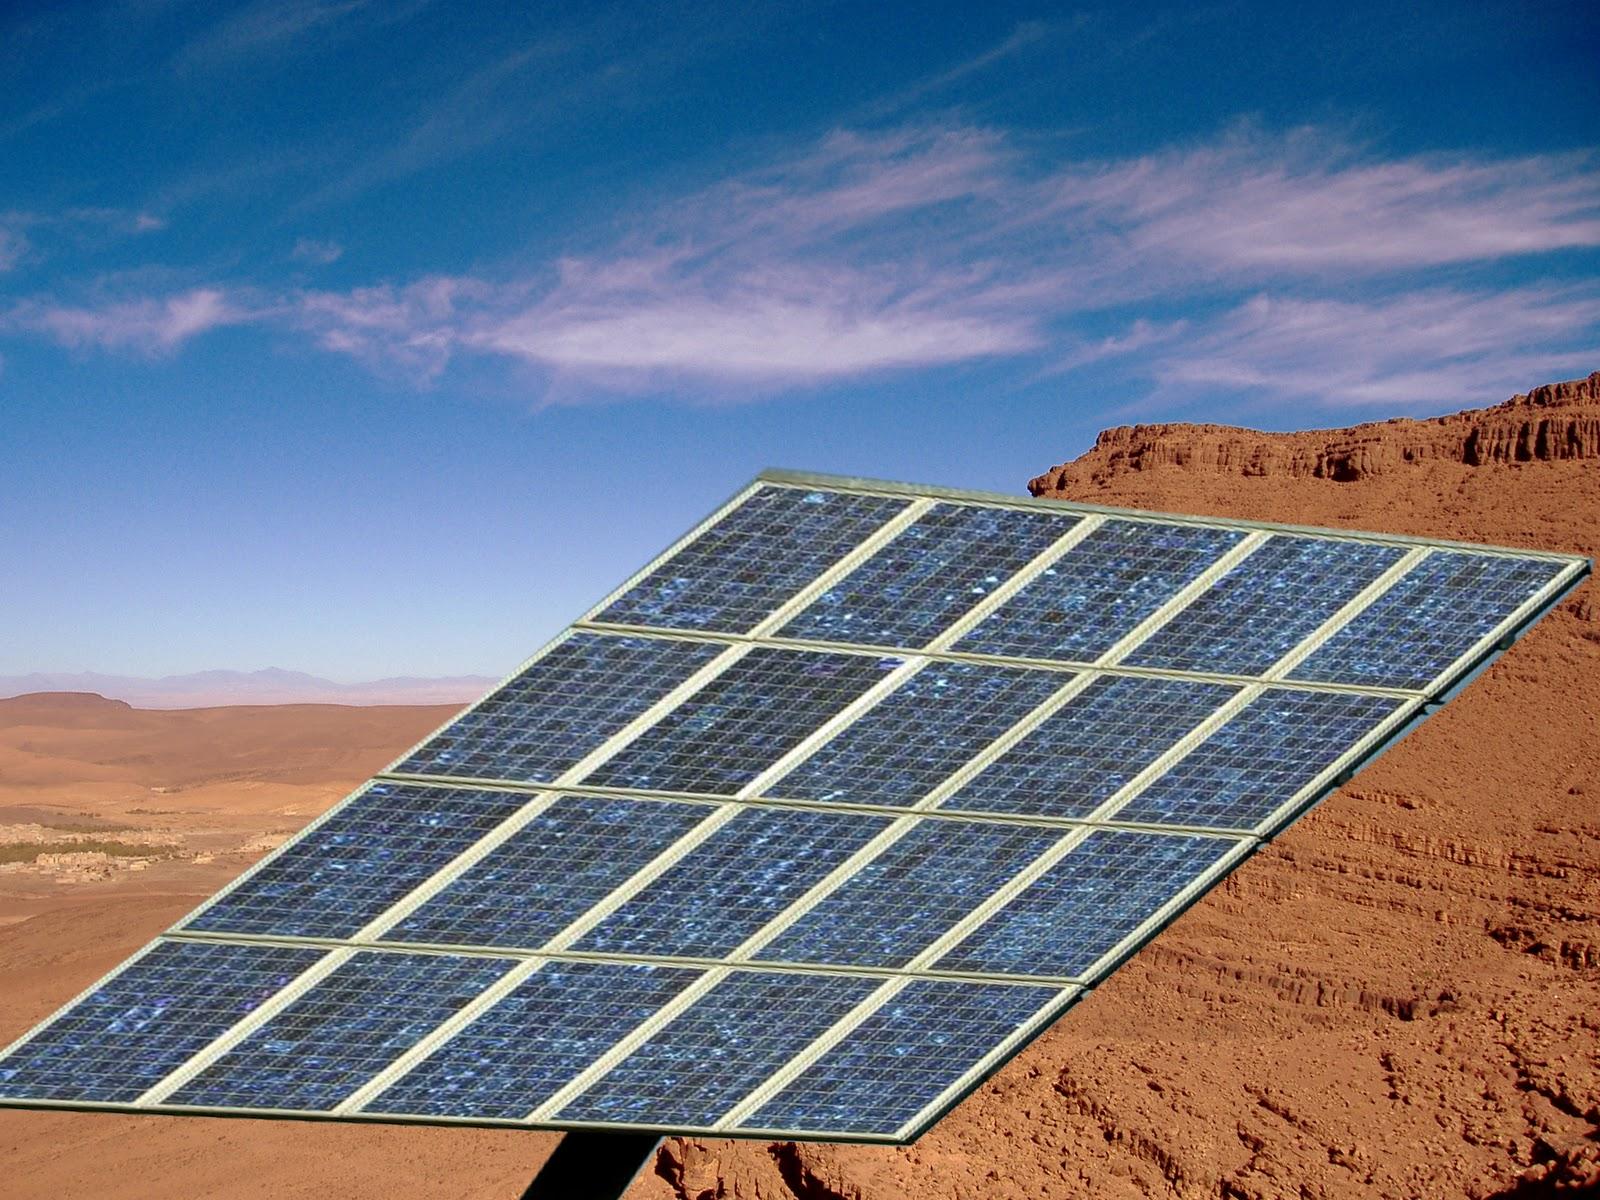 Le solaire marocain brille de mille feux